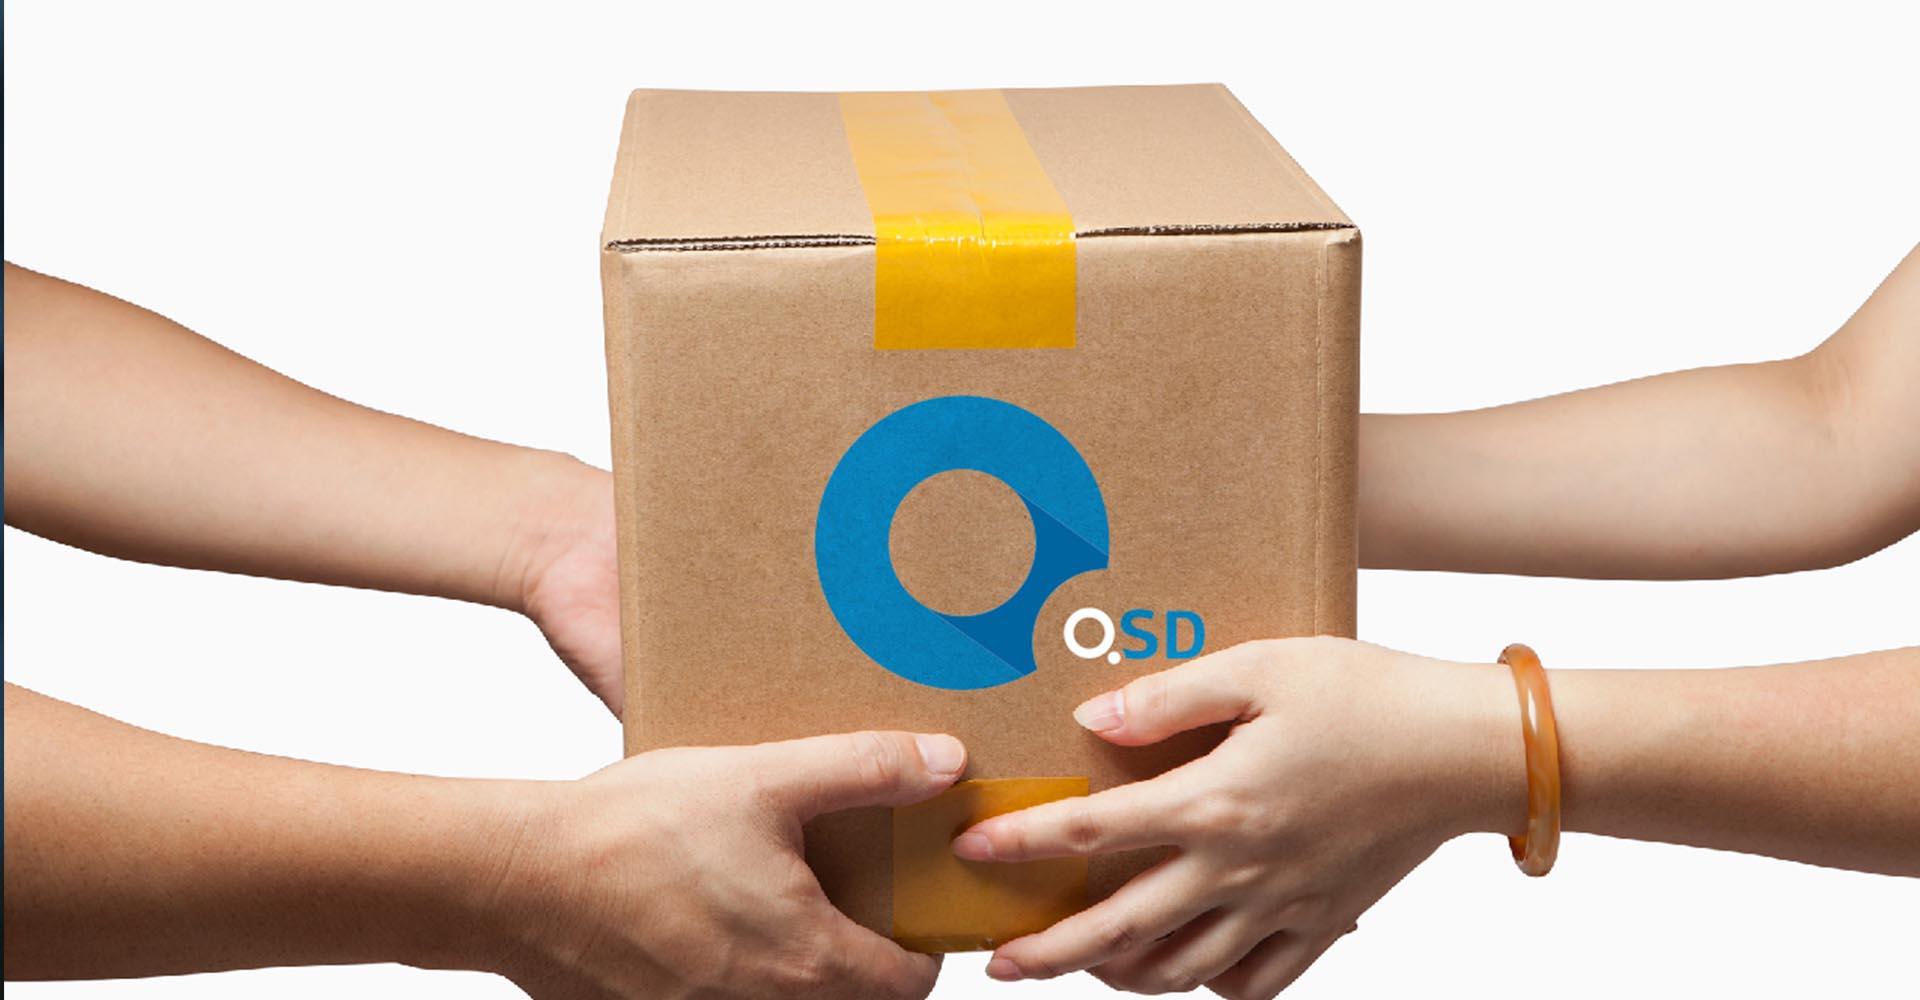 дизайн упаковки для службы доставки